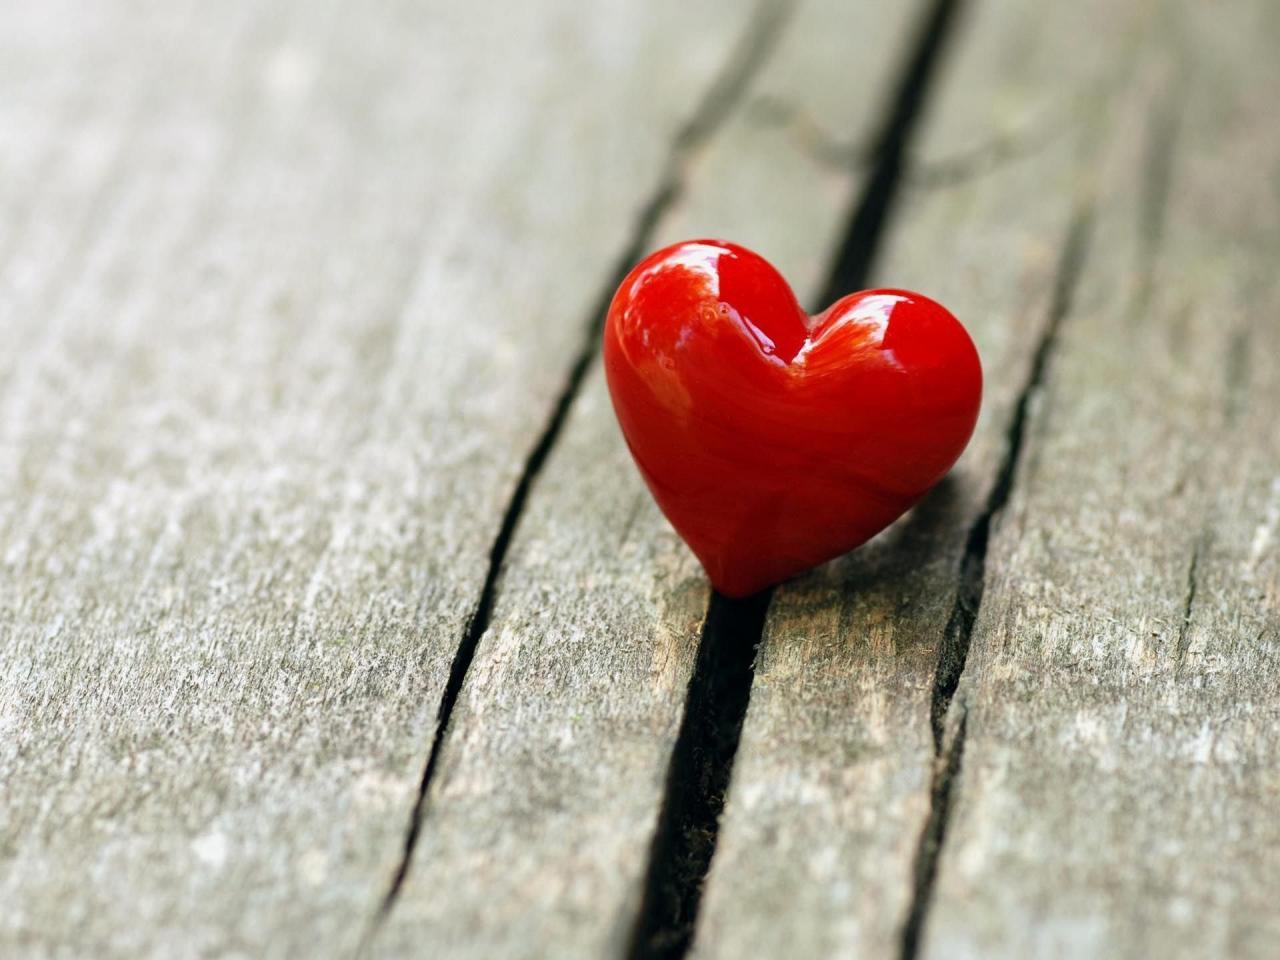 صورة كيف تعرف انك تحب , تعرف على علامات الحب 1522 8